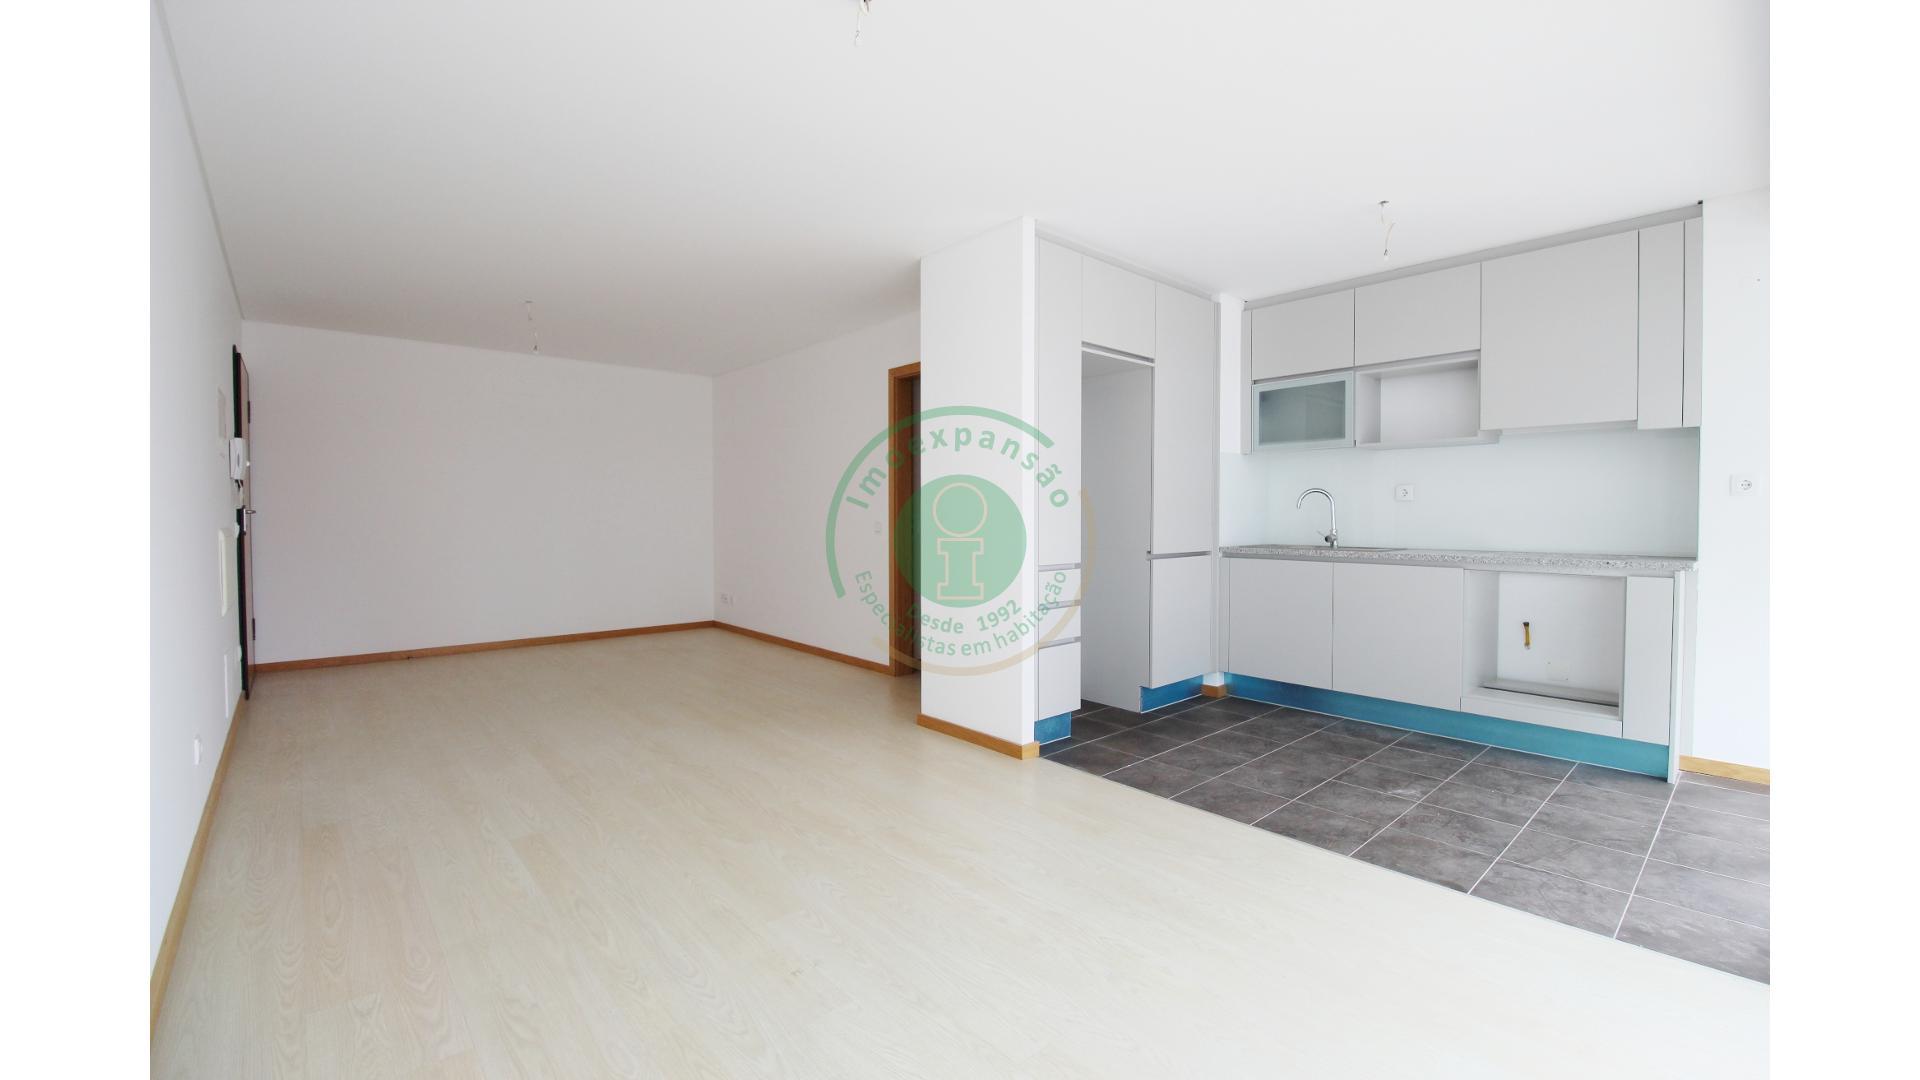 Apartamento T2+P+A Figueira da Foz  - Figueira Da Foz, Buarcos E São Julião